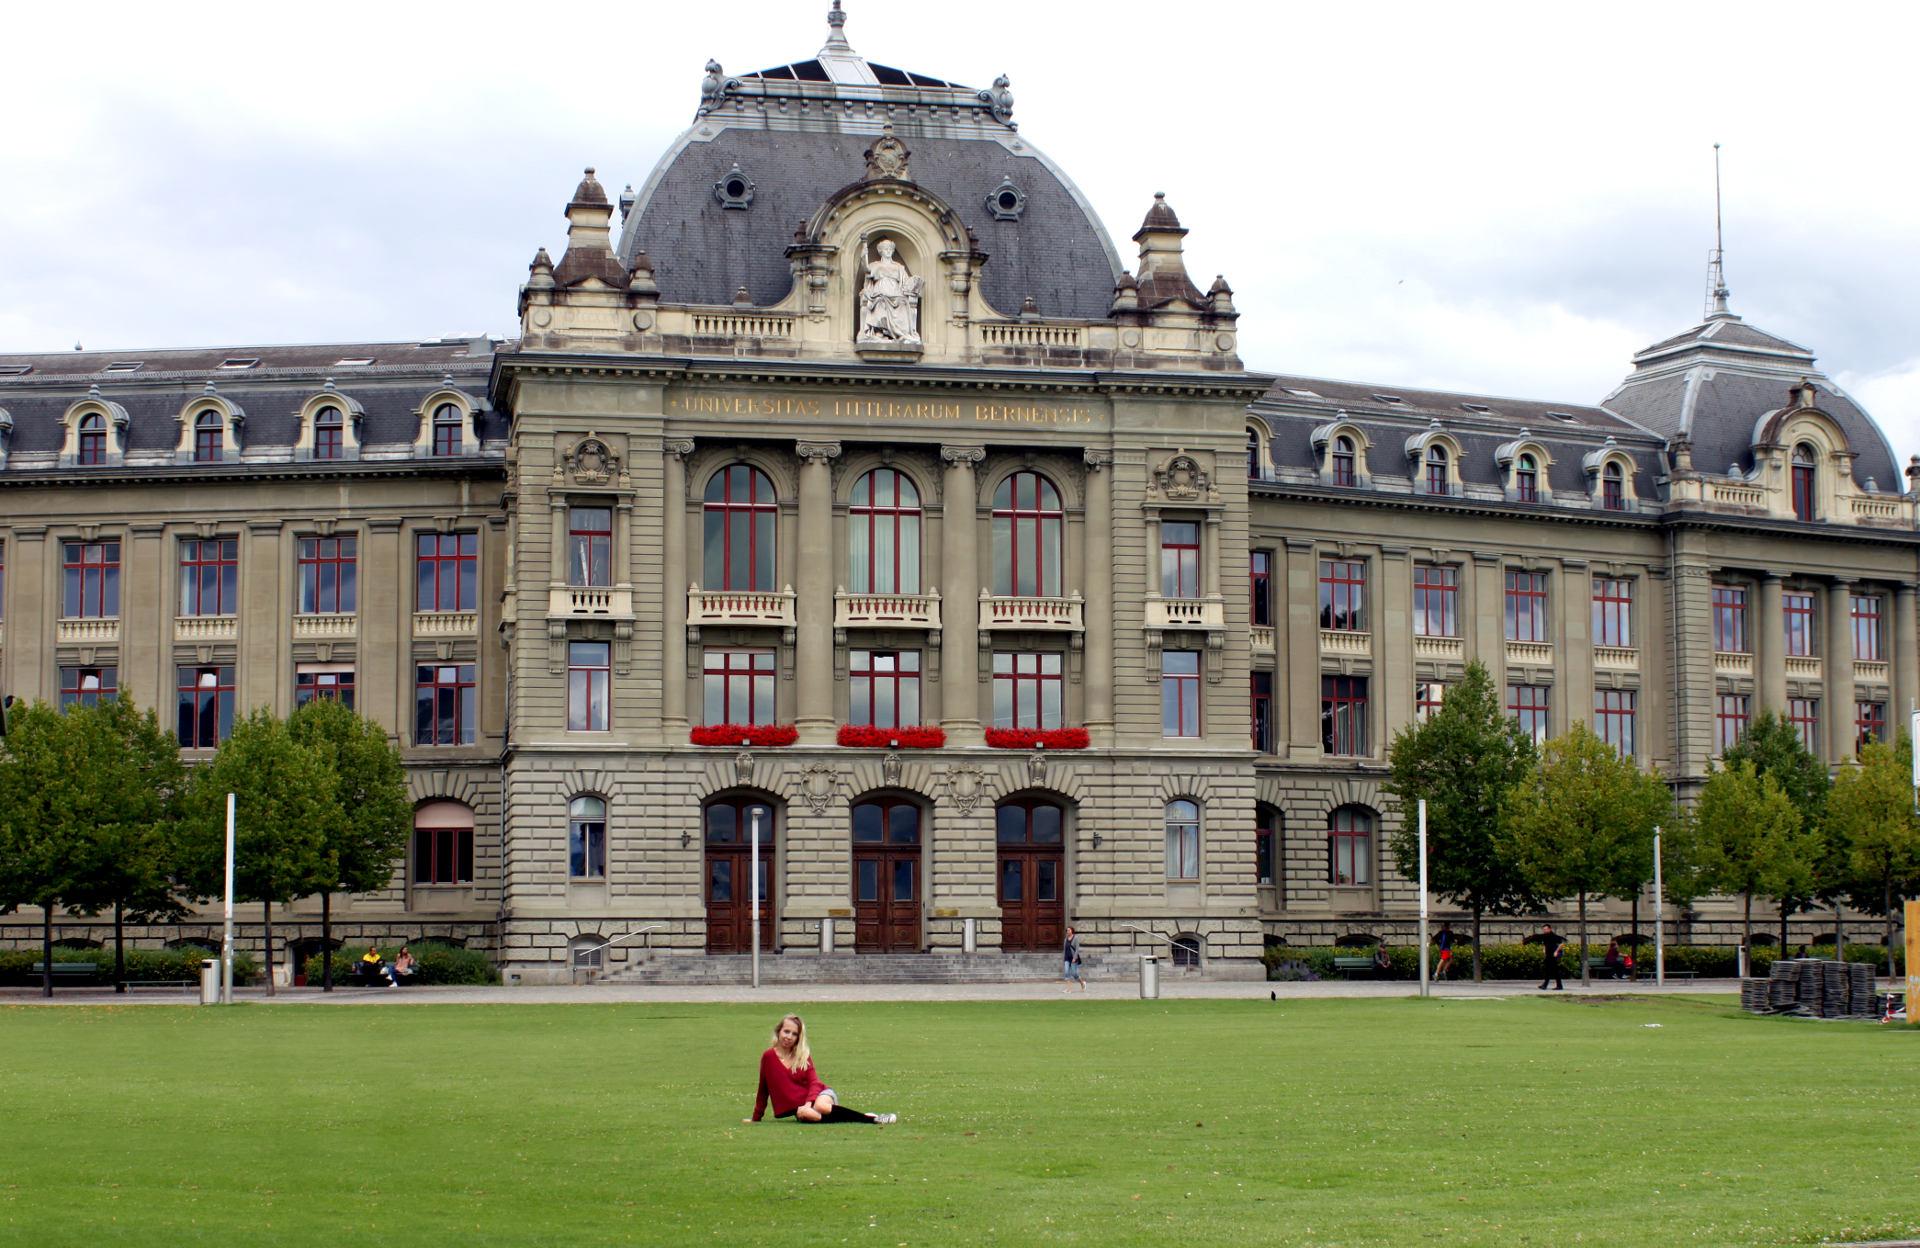 szwajcaria berno bern uniwerytet miasto stolica iglawpodrozy